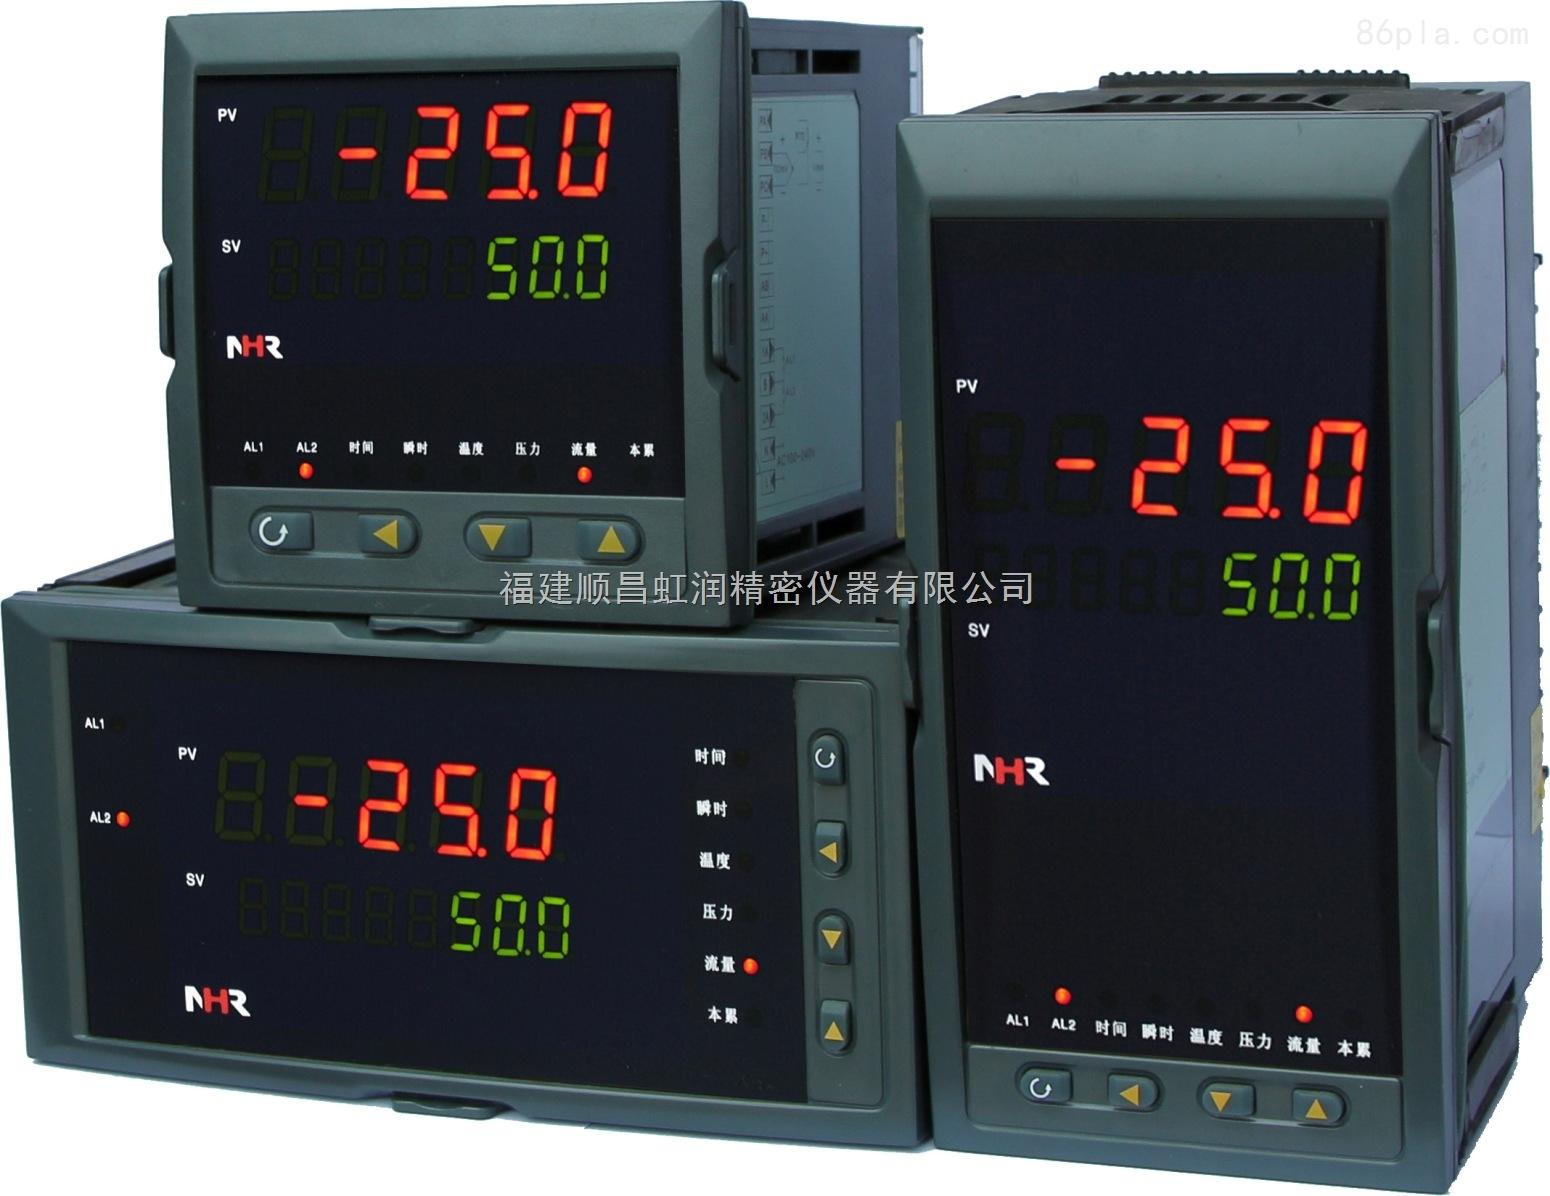 厂家直销NHR-5600系列流量积算控制仪